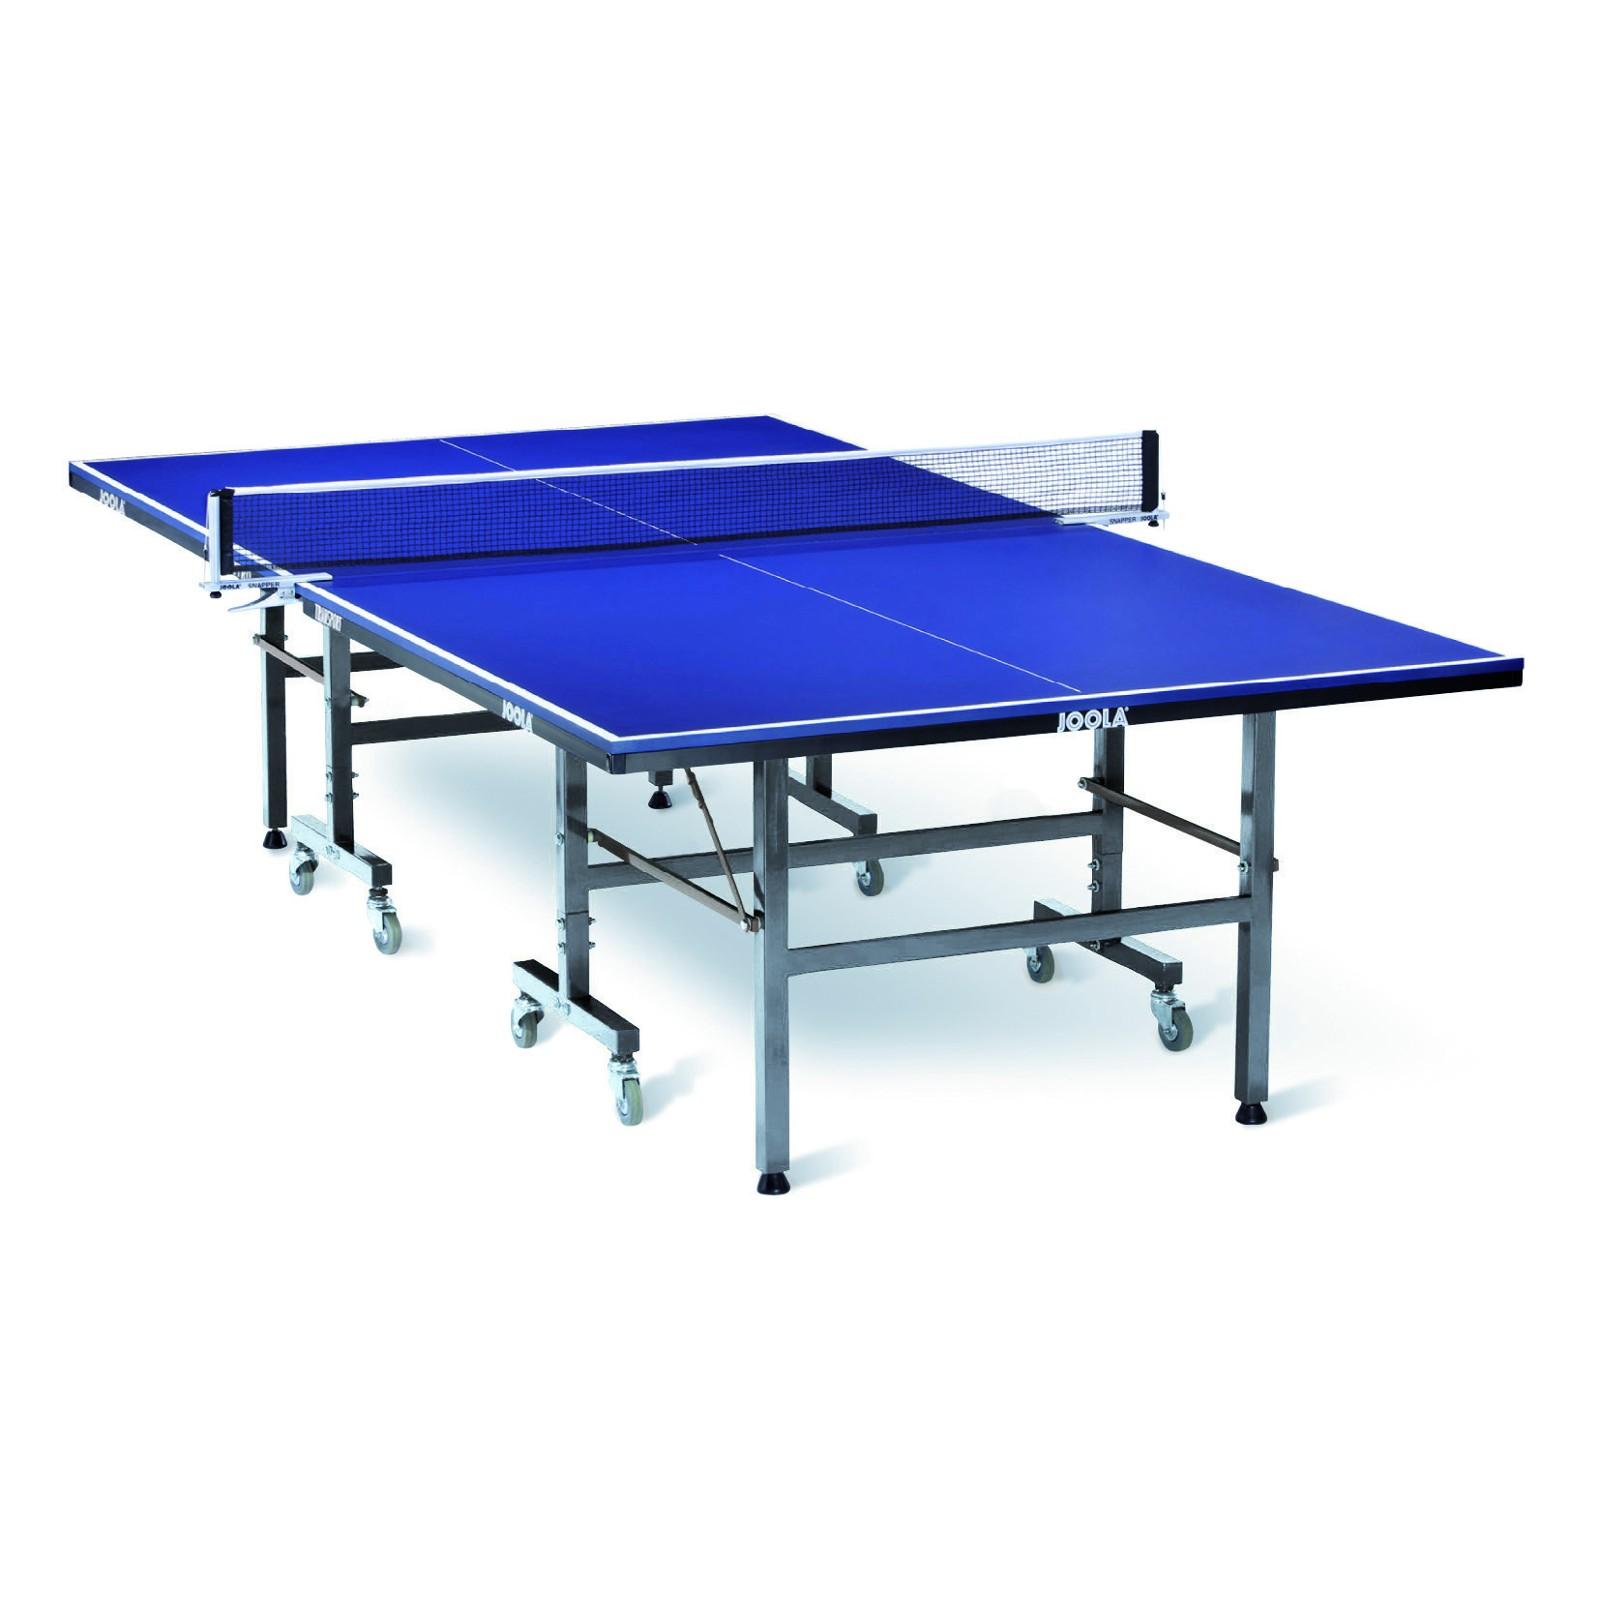 ed07b448f Foto del producto. Loading zoom. joola. Mesa de Ping Pong Joola Transport